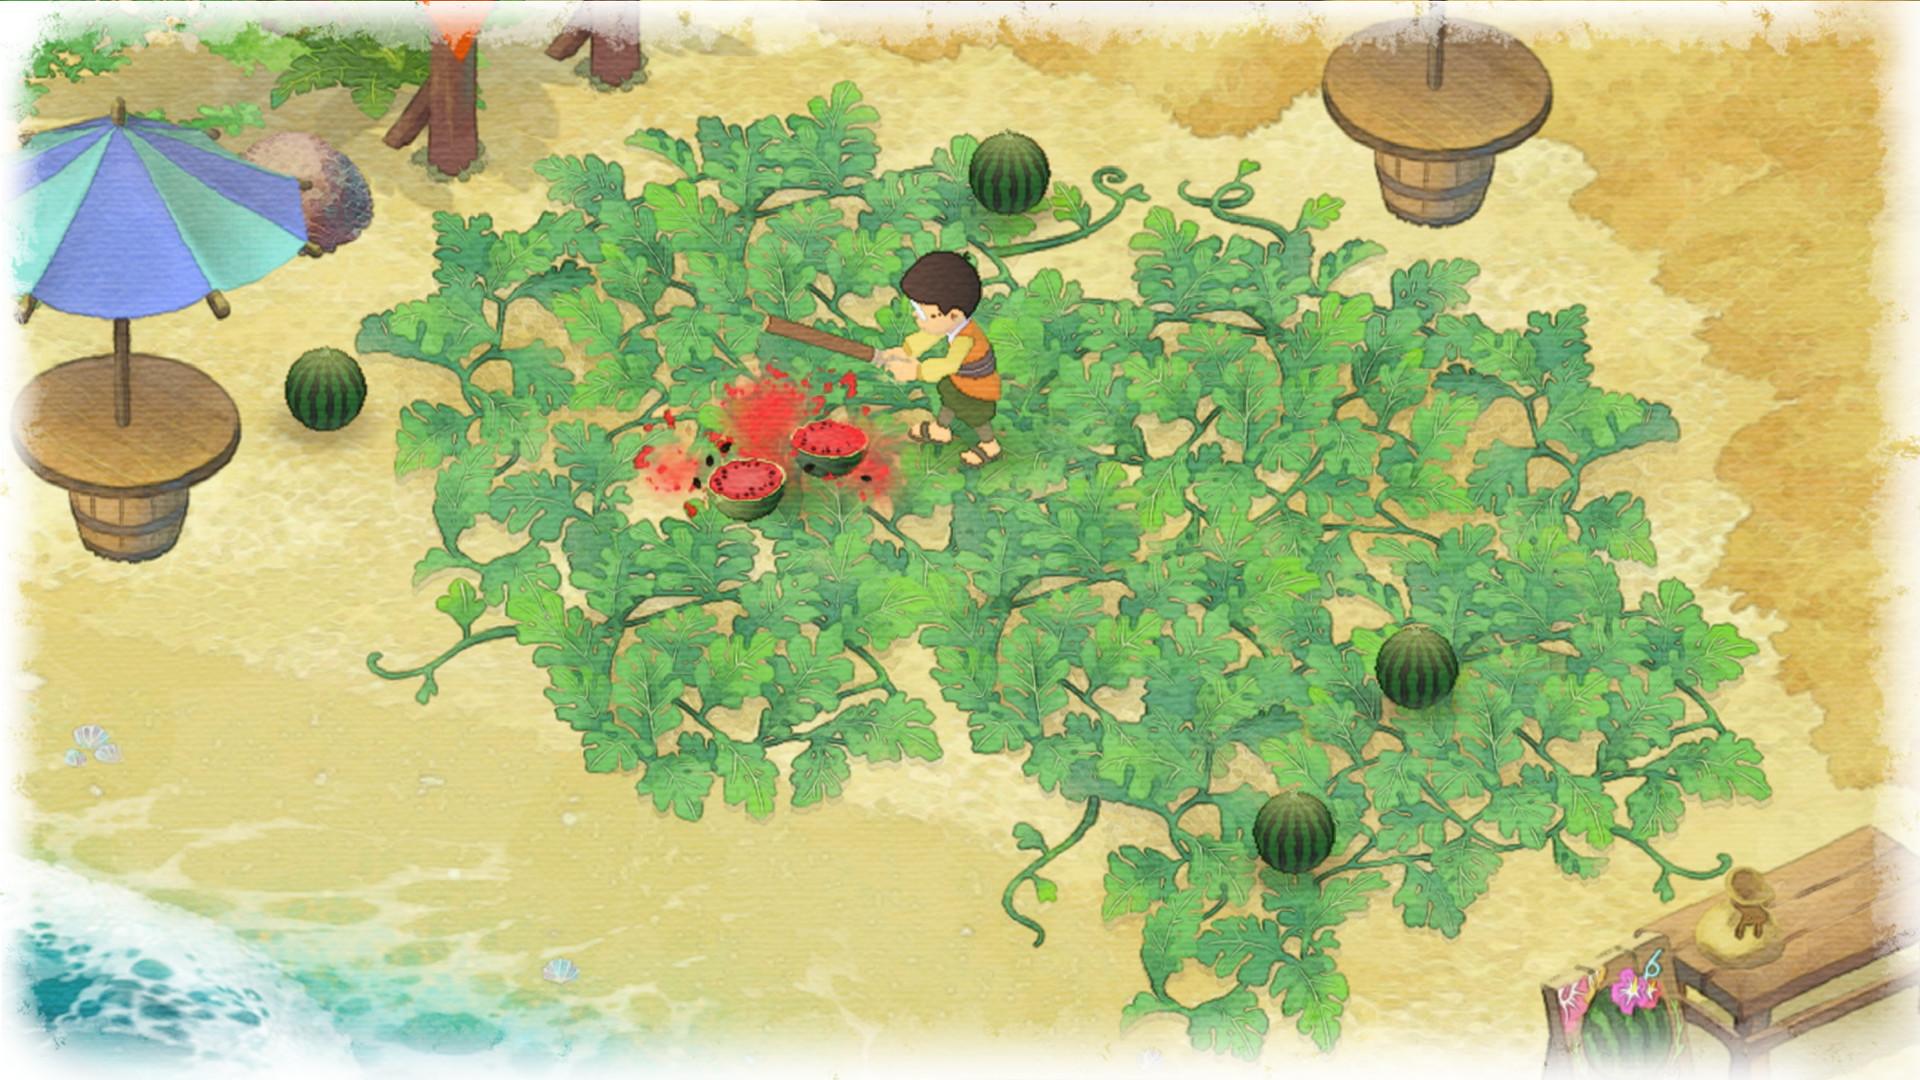 《哆啦A梦:牧场物语》Steam版发售 支持中文售价228元